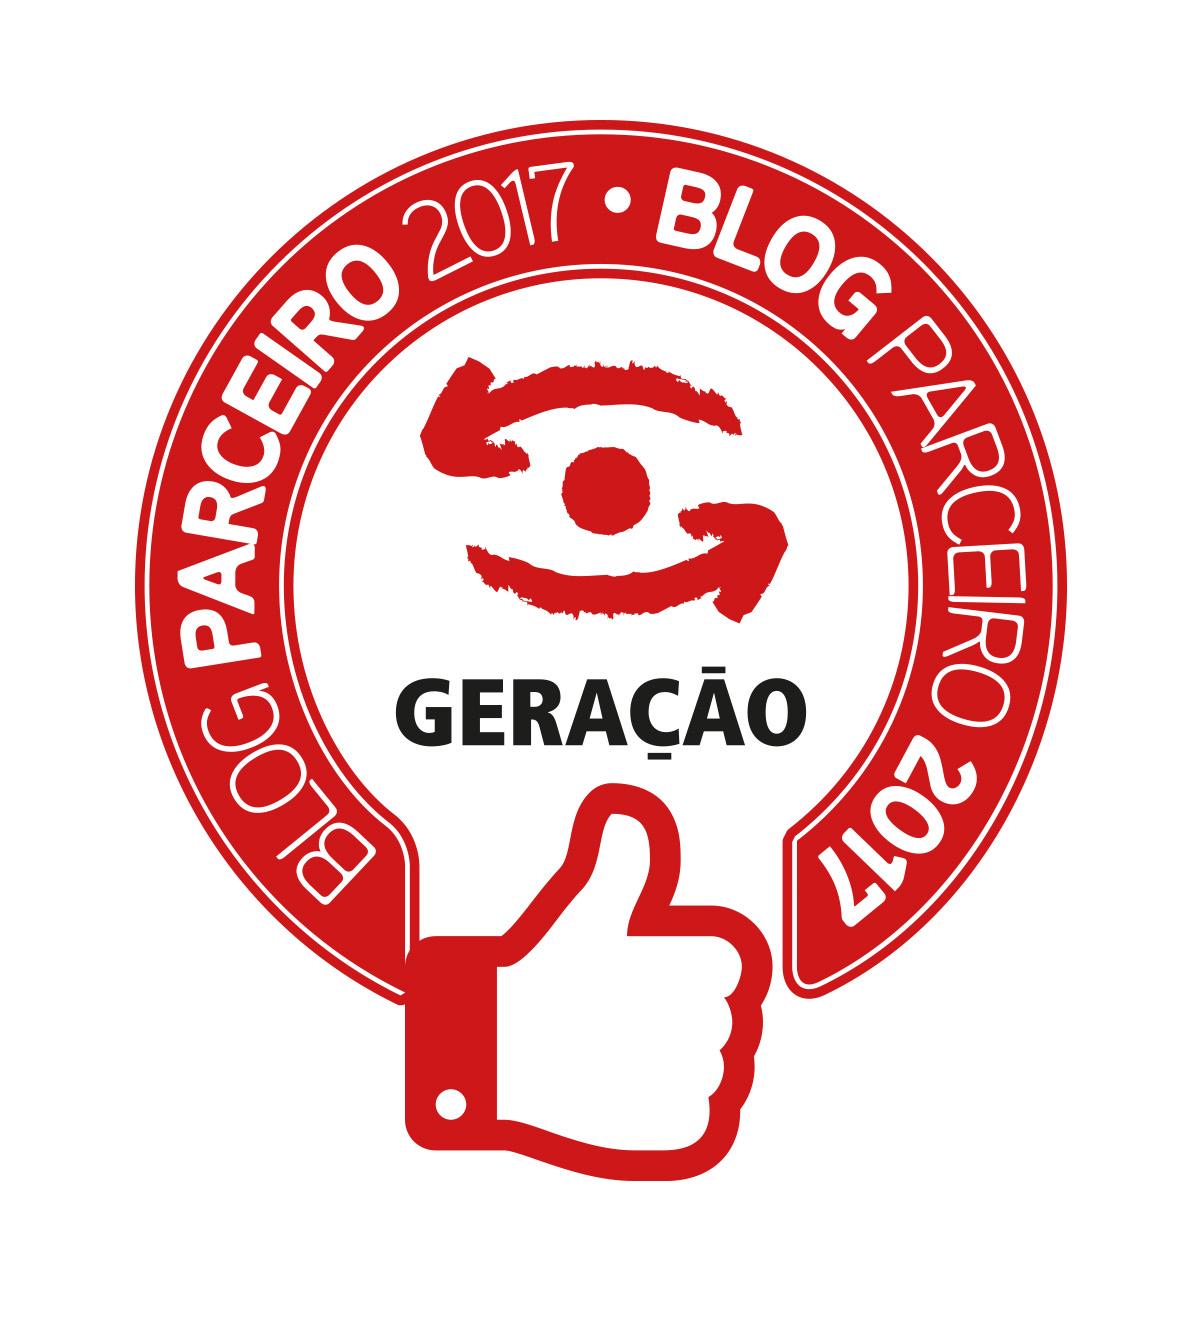 GERAÇÃO EDITORIAL - PARCERIA